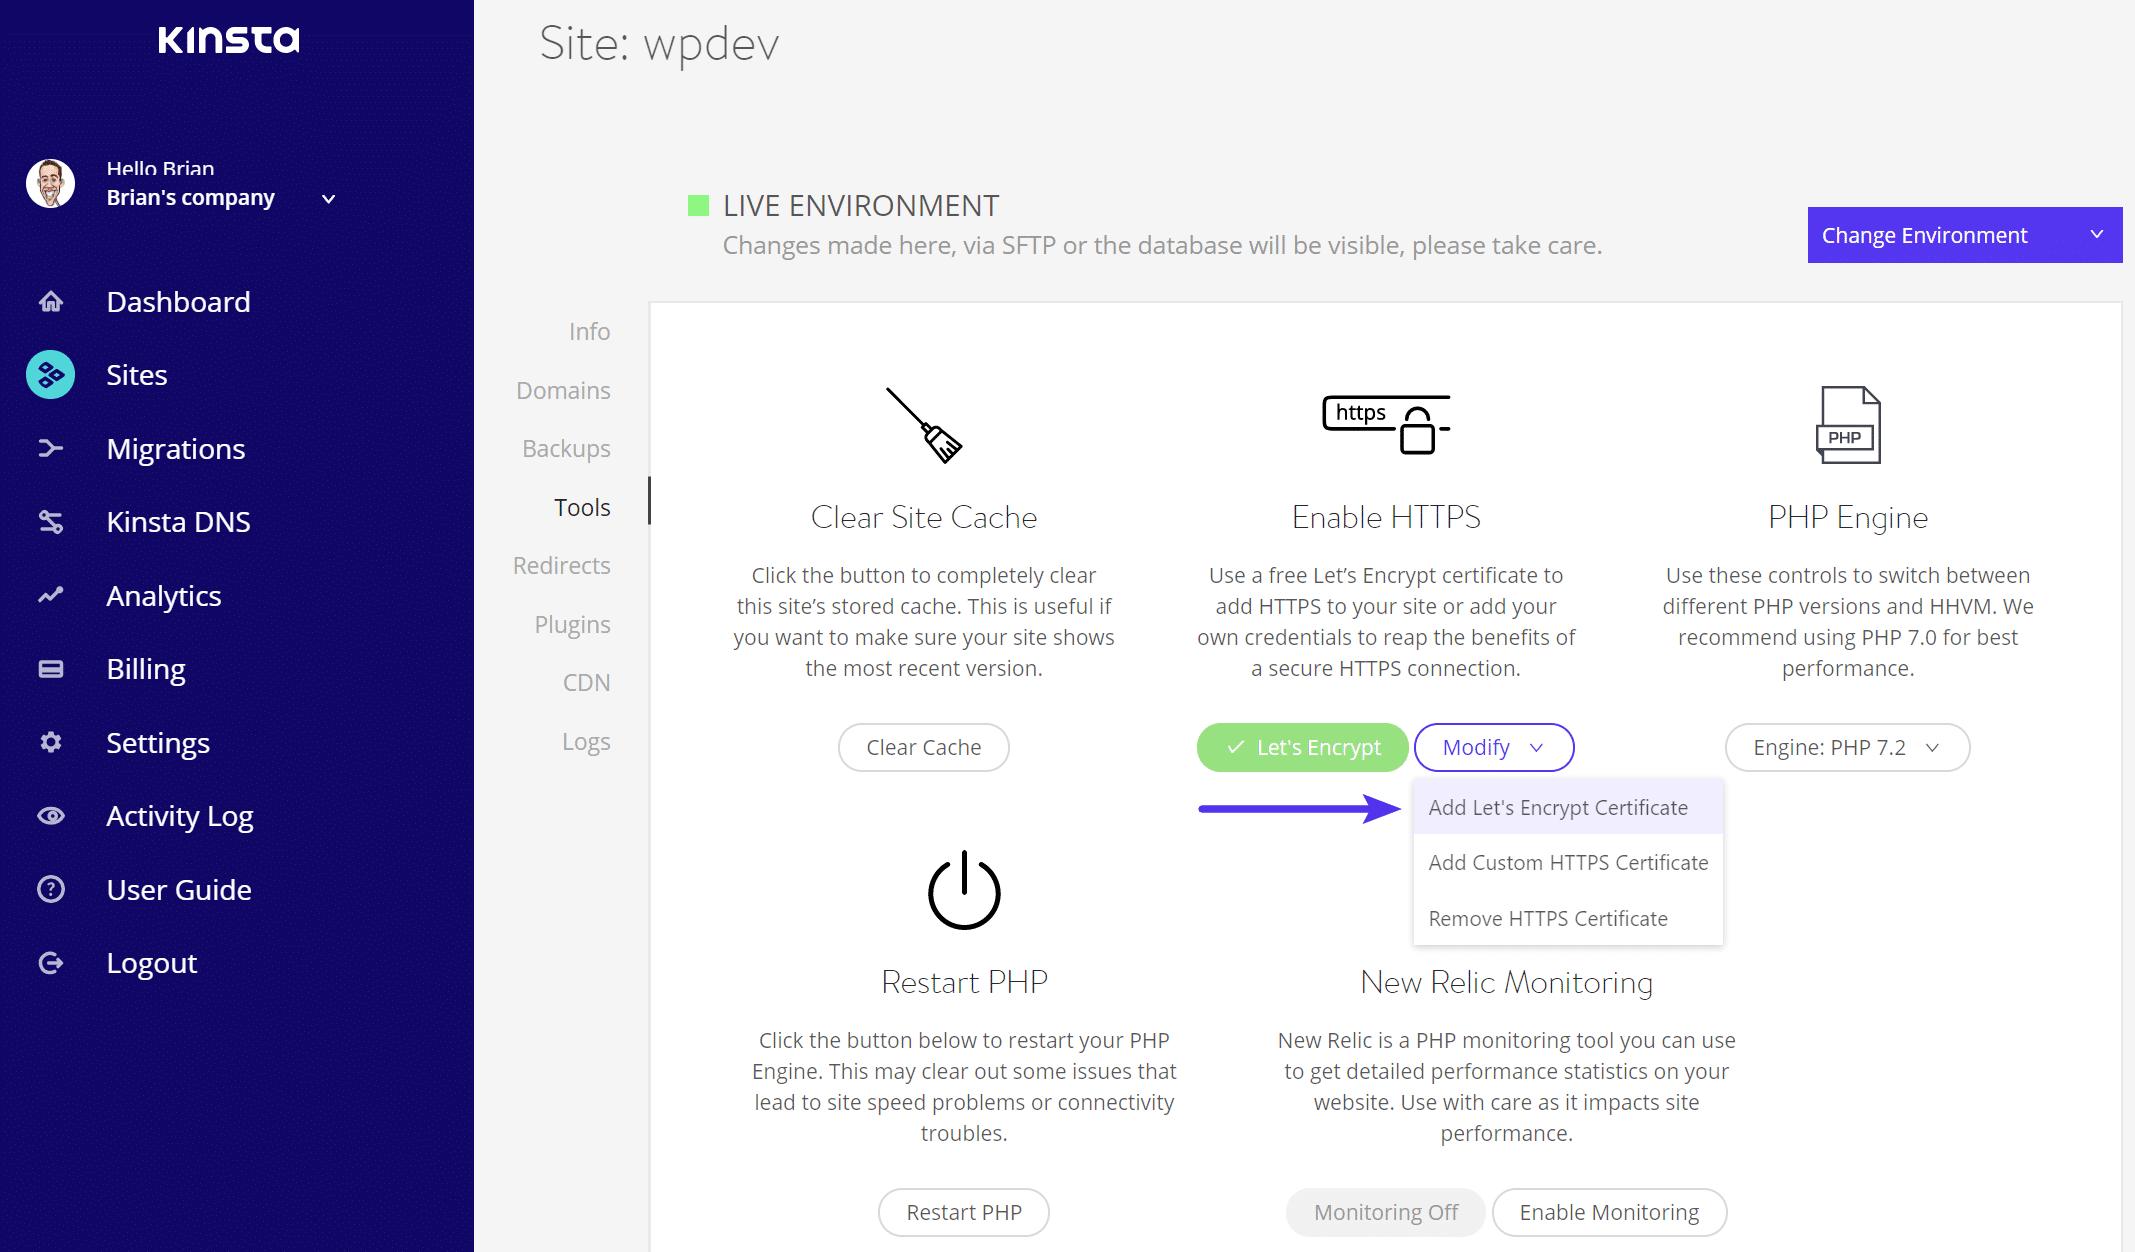 Aggiungere il certificato Let's Encrypt